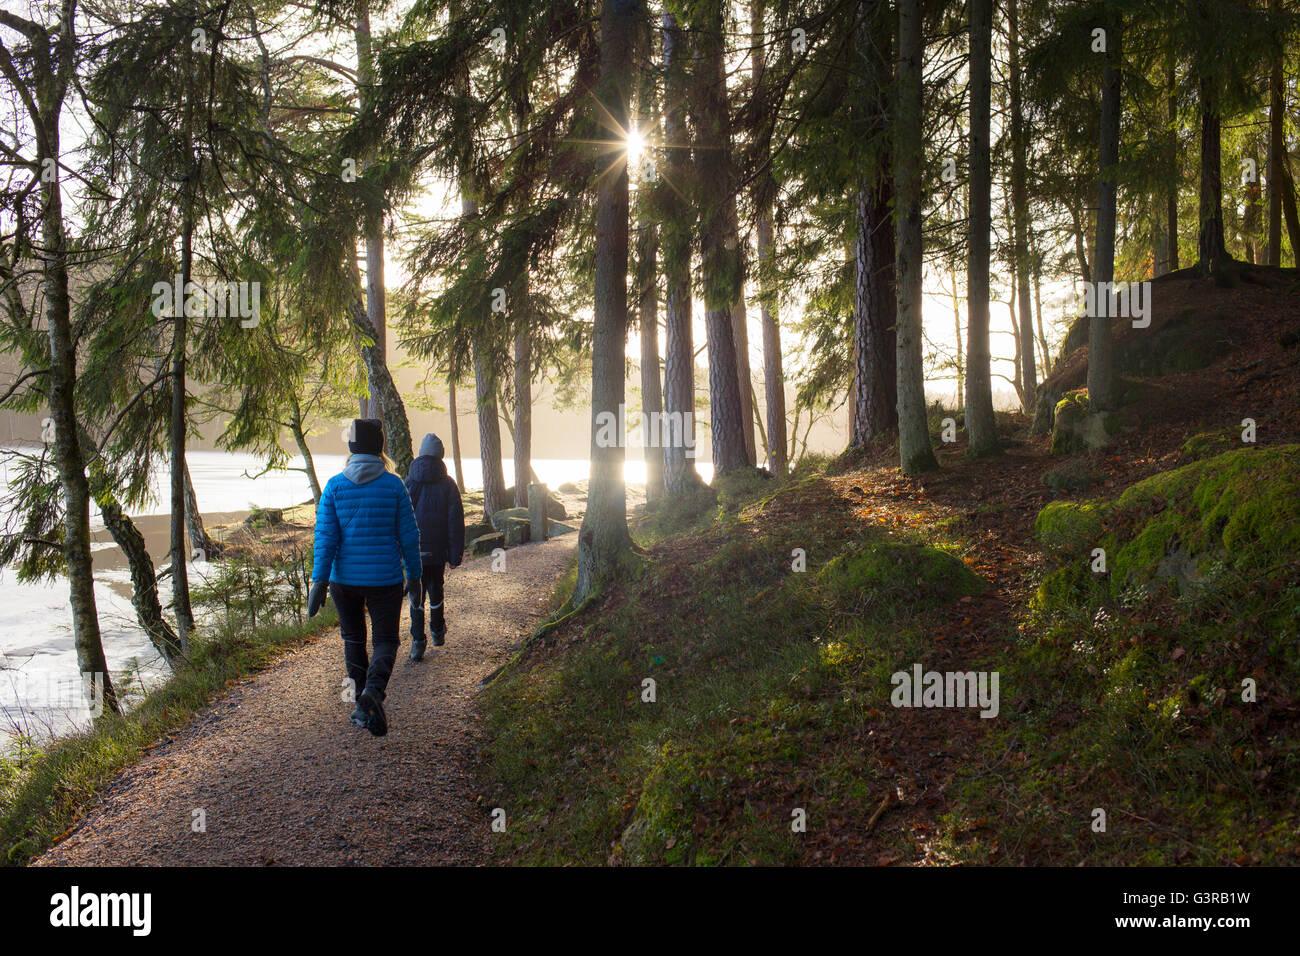 Schweden, Vastergotland, Lerum, Stamsjon, Mutter und Sohn (12-13) zu Fuß in Wald Stockbild